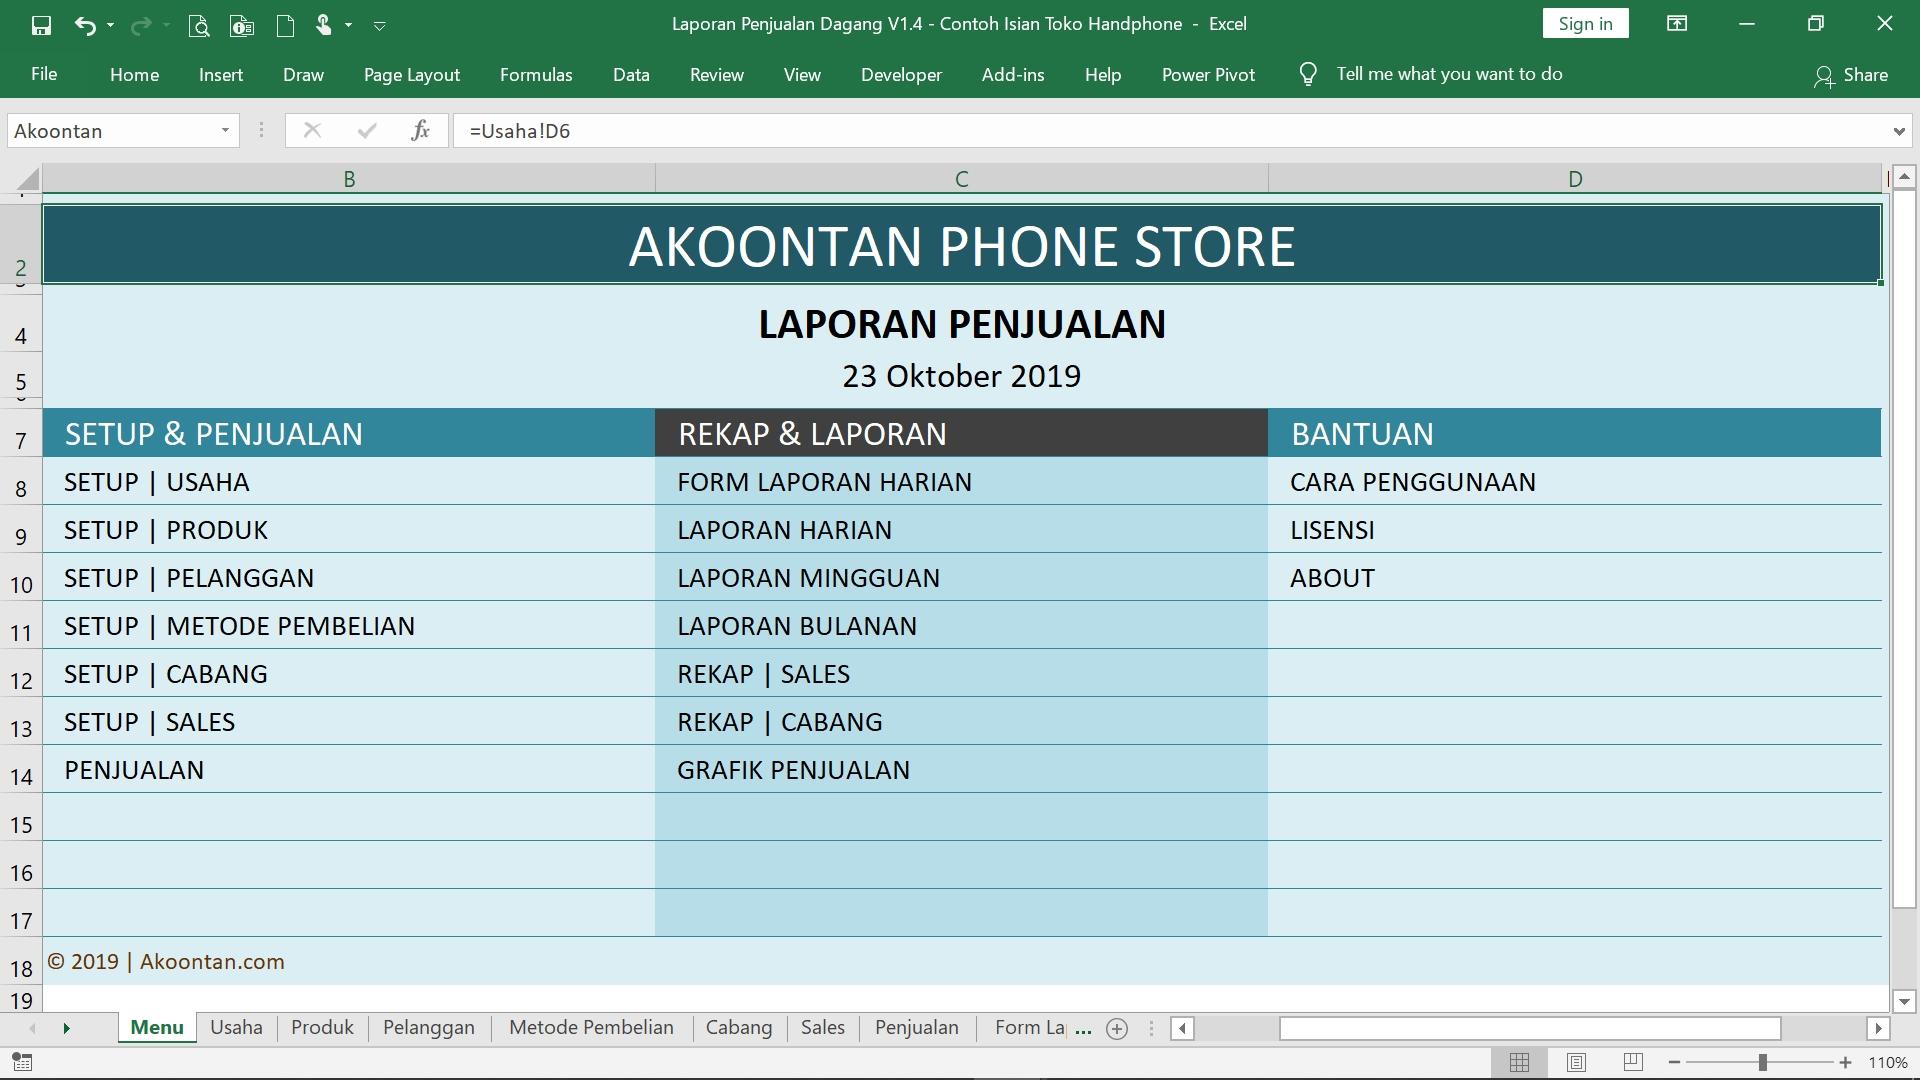 Excel Laporan Penjualan - Menu